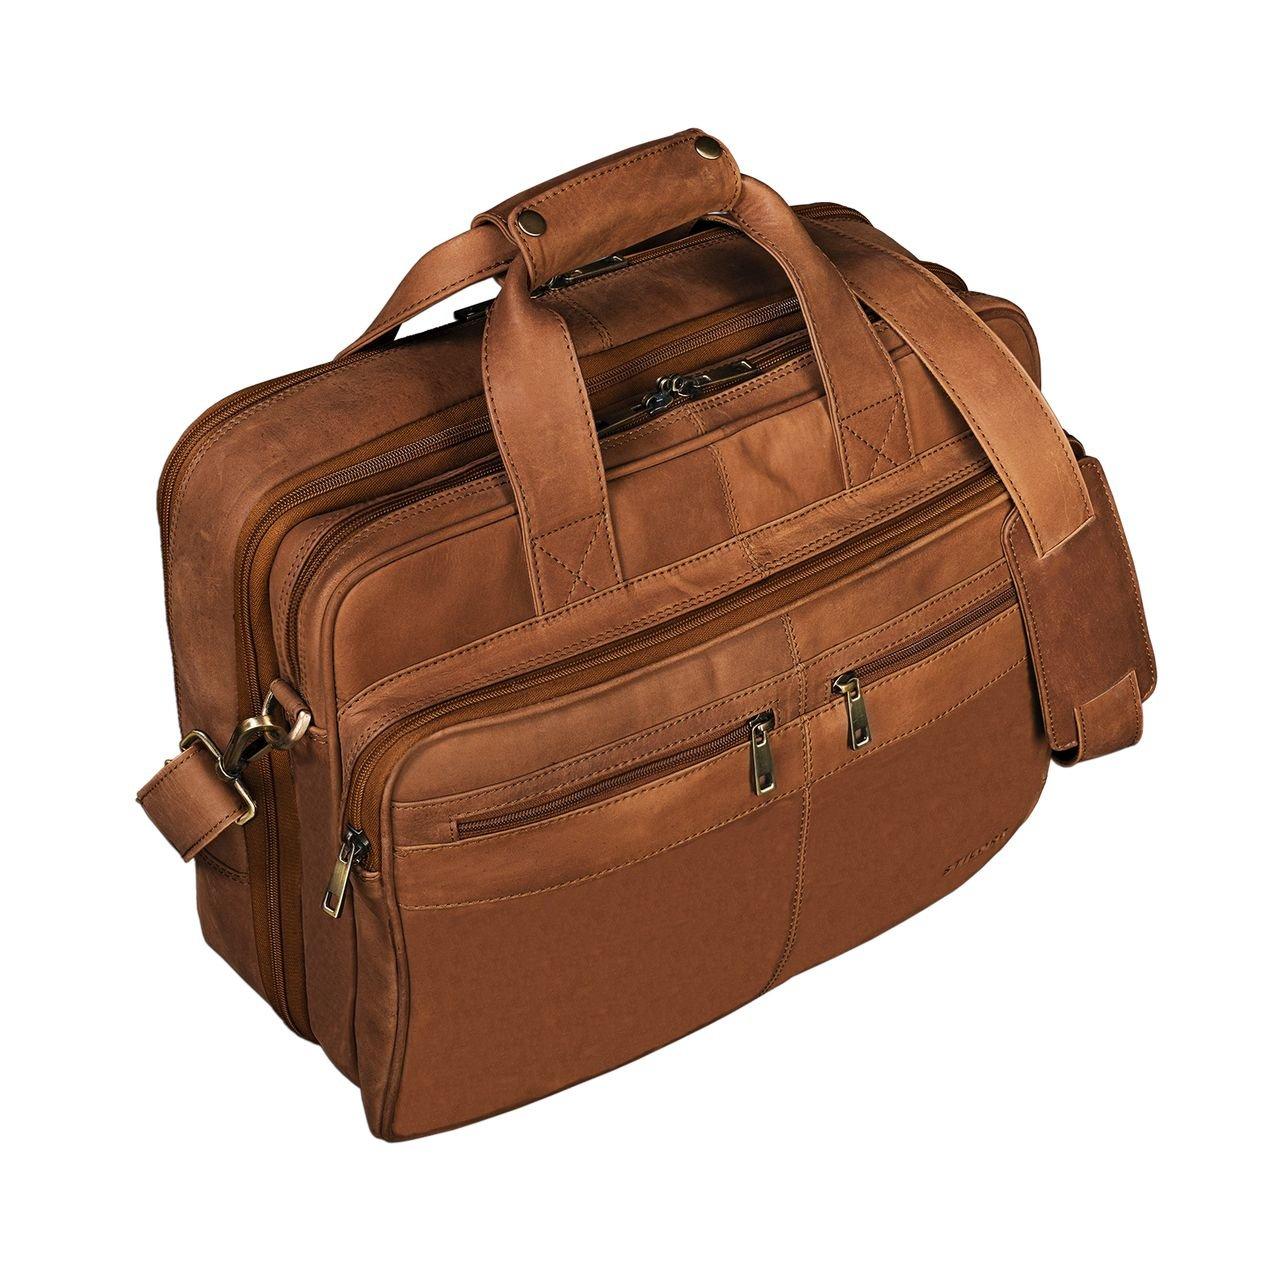 24f0ee7a16 STILORD 'Alexander' Borsa da lavoro in pelle uomo donna Grande borsa porta  documenti e PC Ventiquattrore da ufficio Cartella per la scuola borsa a  tracolla ...